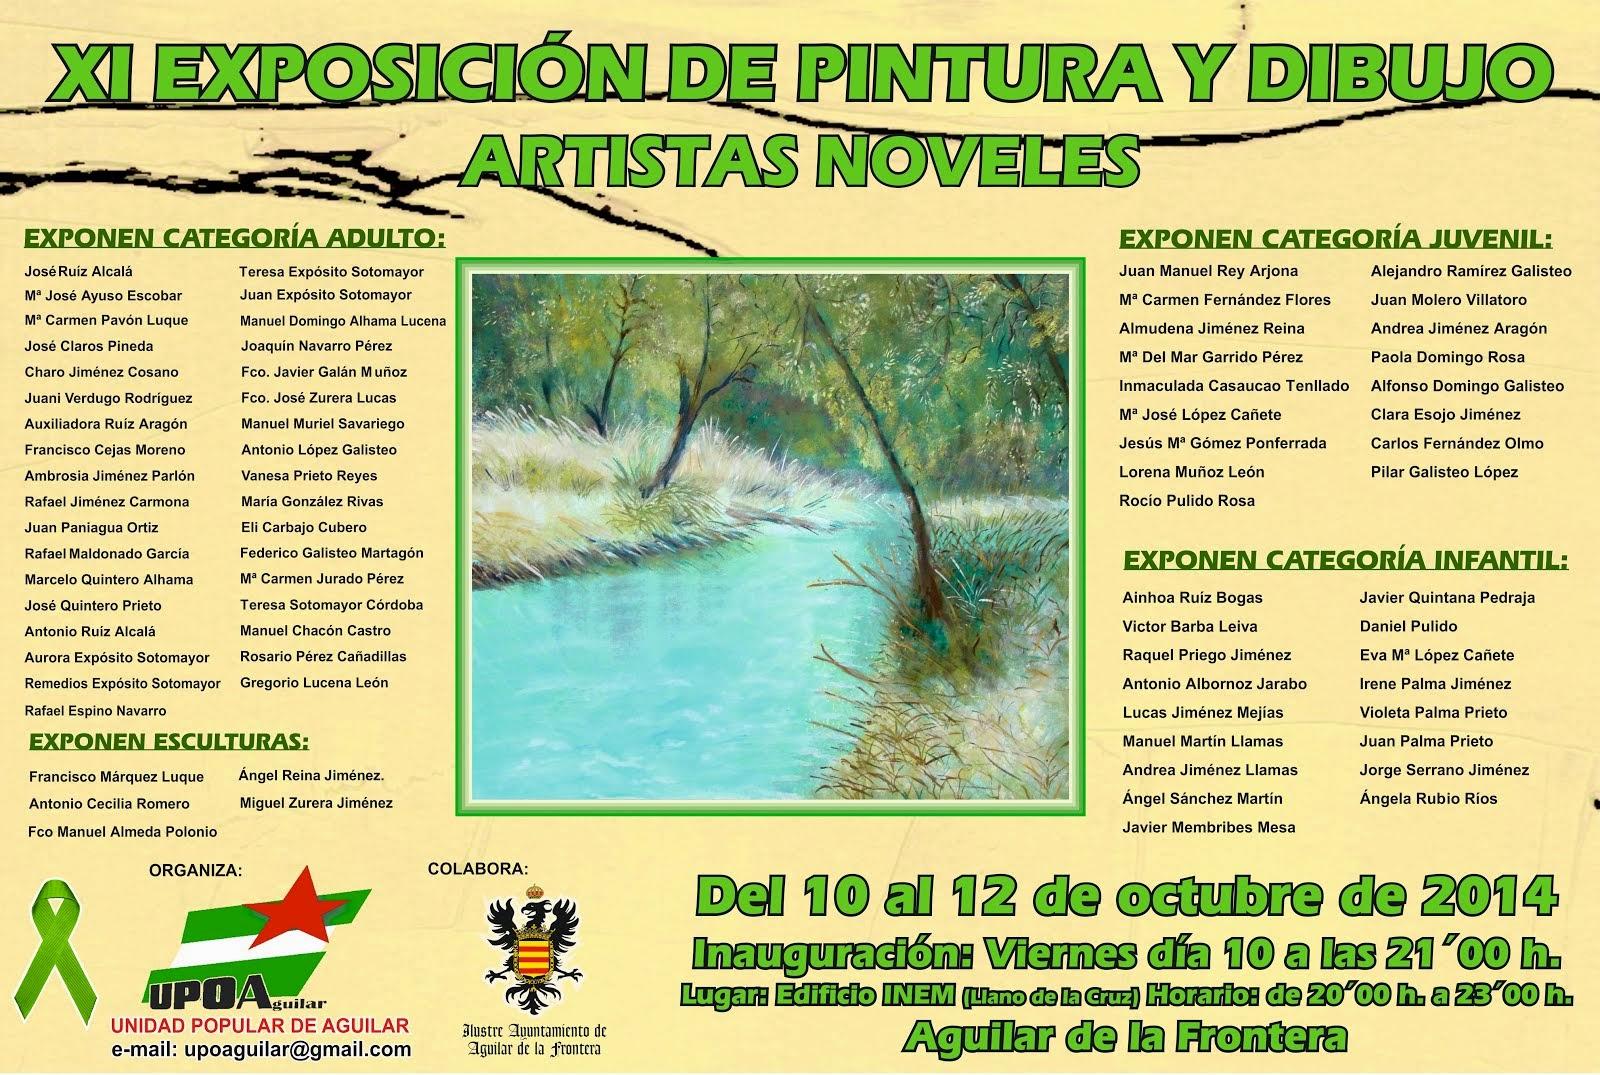 XI EXPOSICIÓN DE PINTURAS